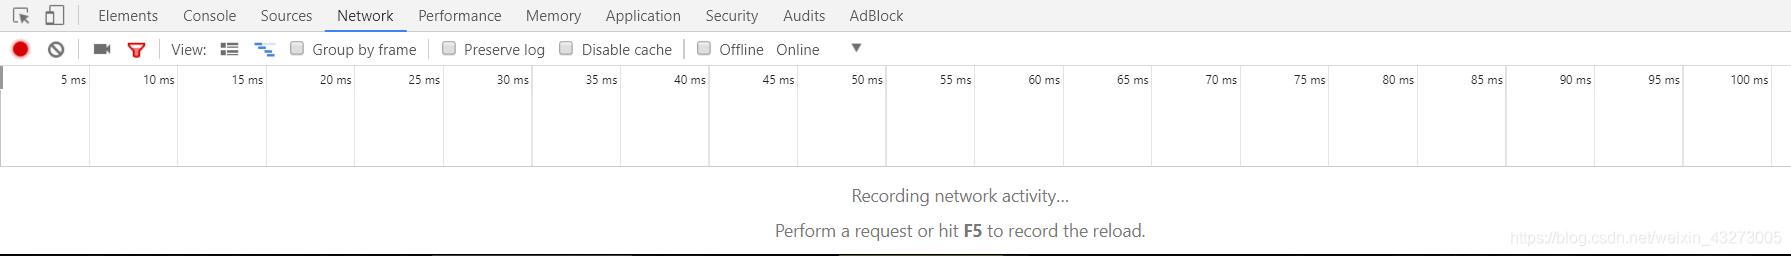 谷歌浏览器调起开发者工具显示不出请求数据怎么办